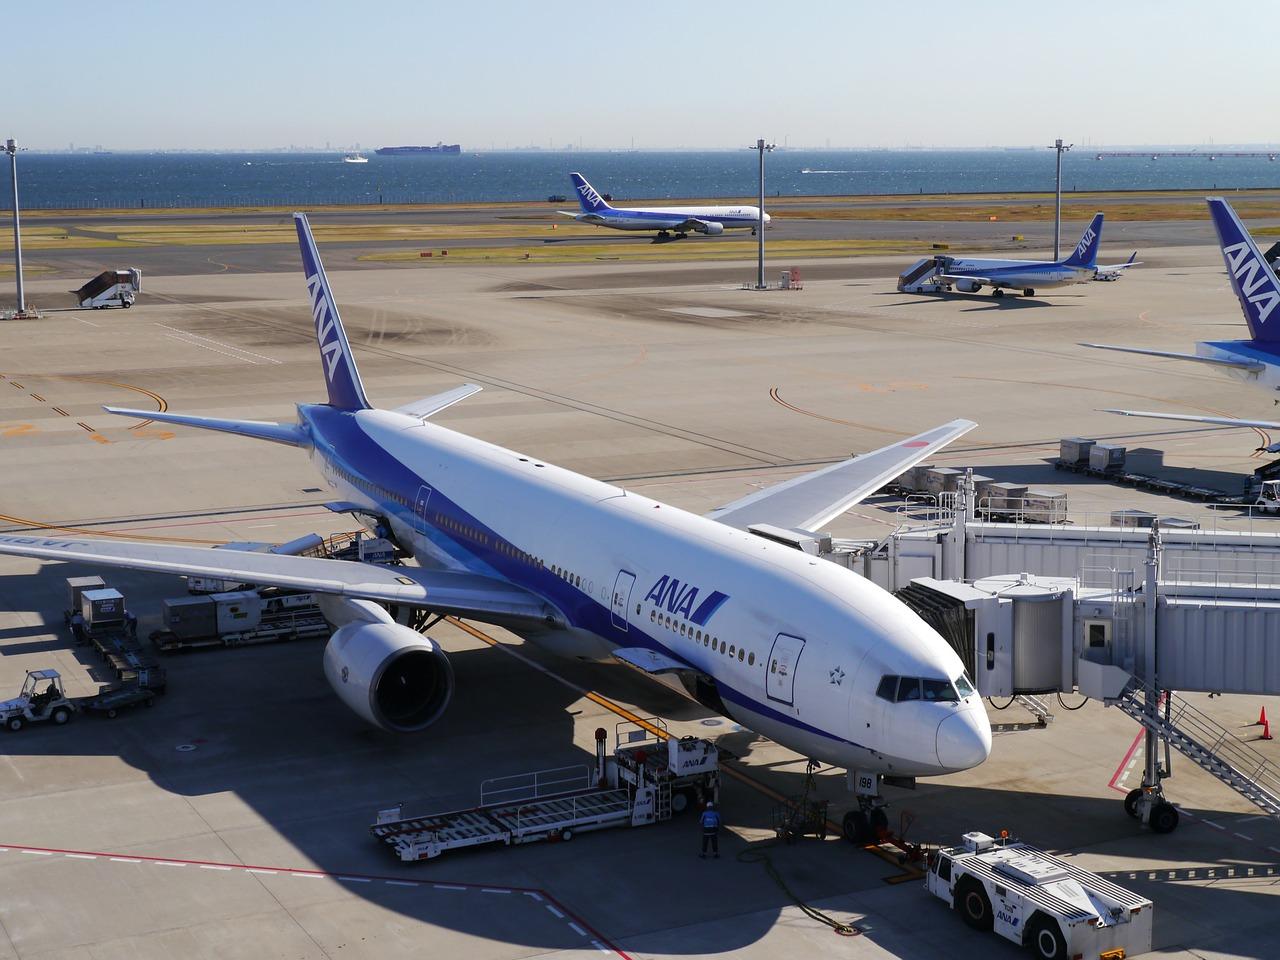 日本 から ハワイ まで 何 時間